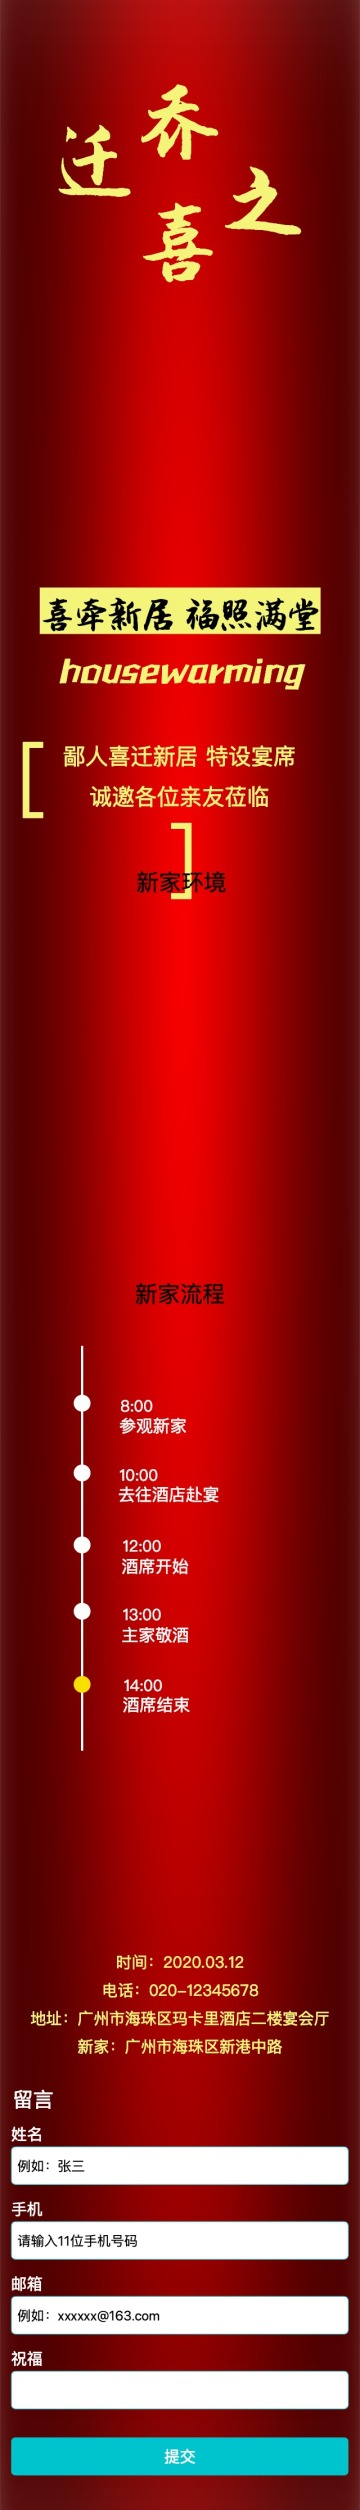 简约喜庆乔迁邀请函单页宣传活动推广